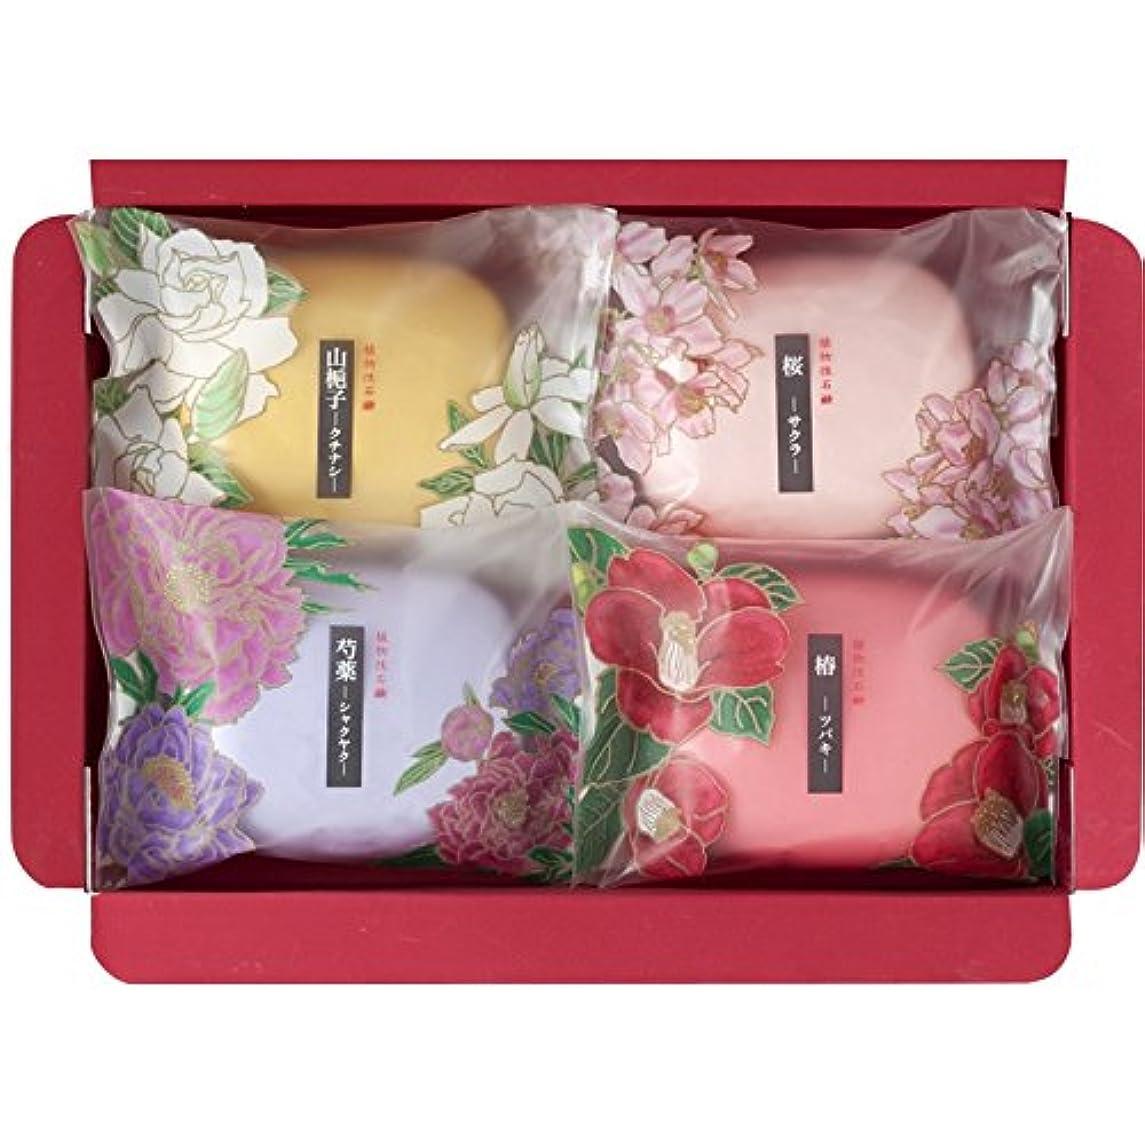 敬意を表してトリクル溶ける彩花だより 【固形 ギフト せっけん あわ いい香り いい匂い うるおい プレゼント お風呂 かおり からだ きれい つめあわせ 日本製 国産 500】